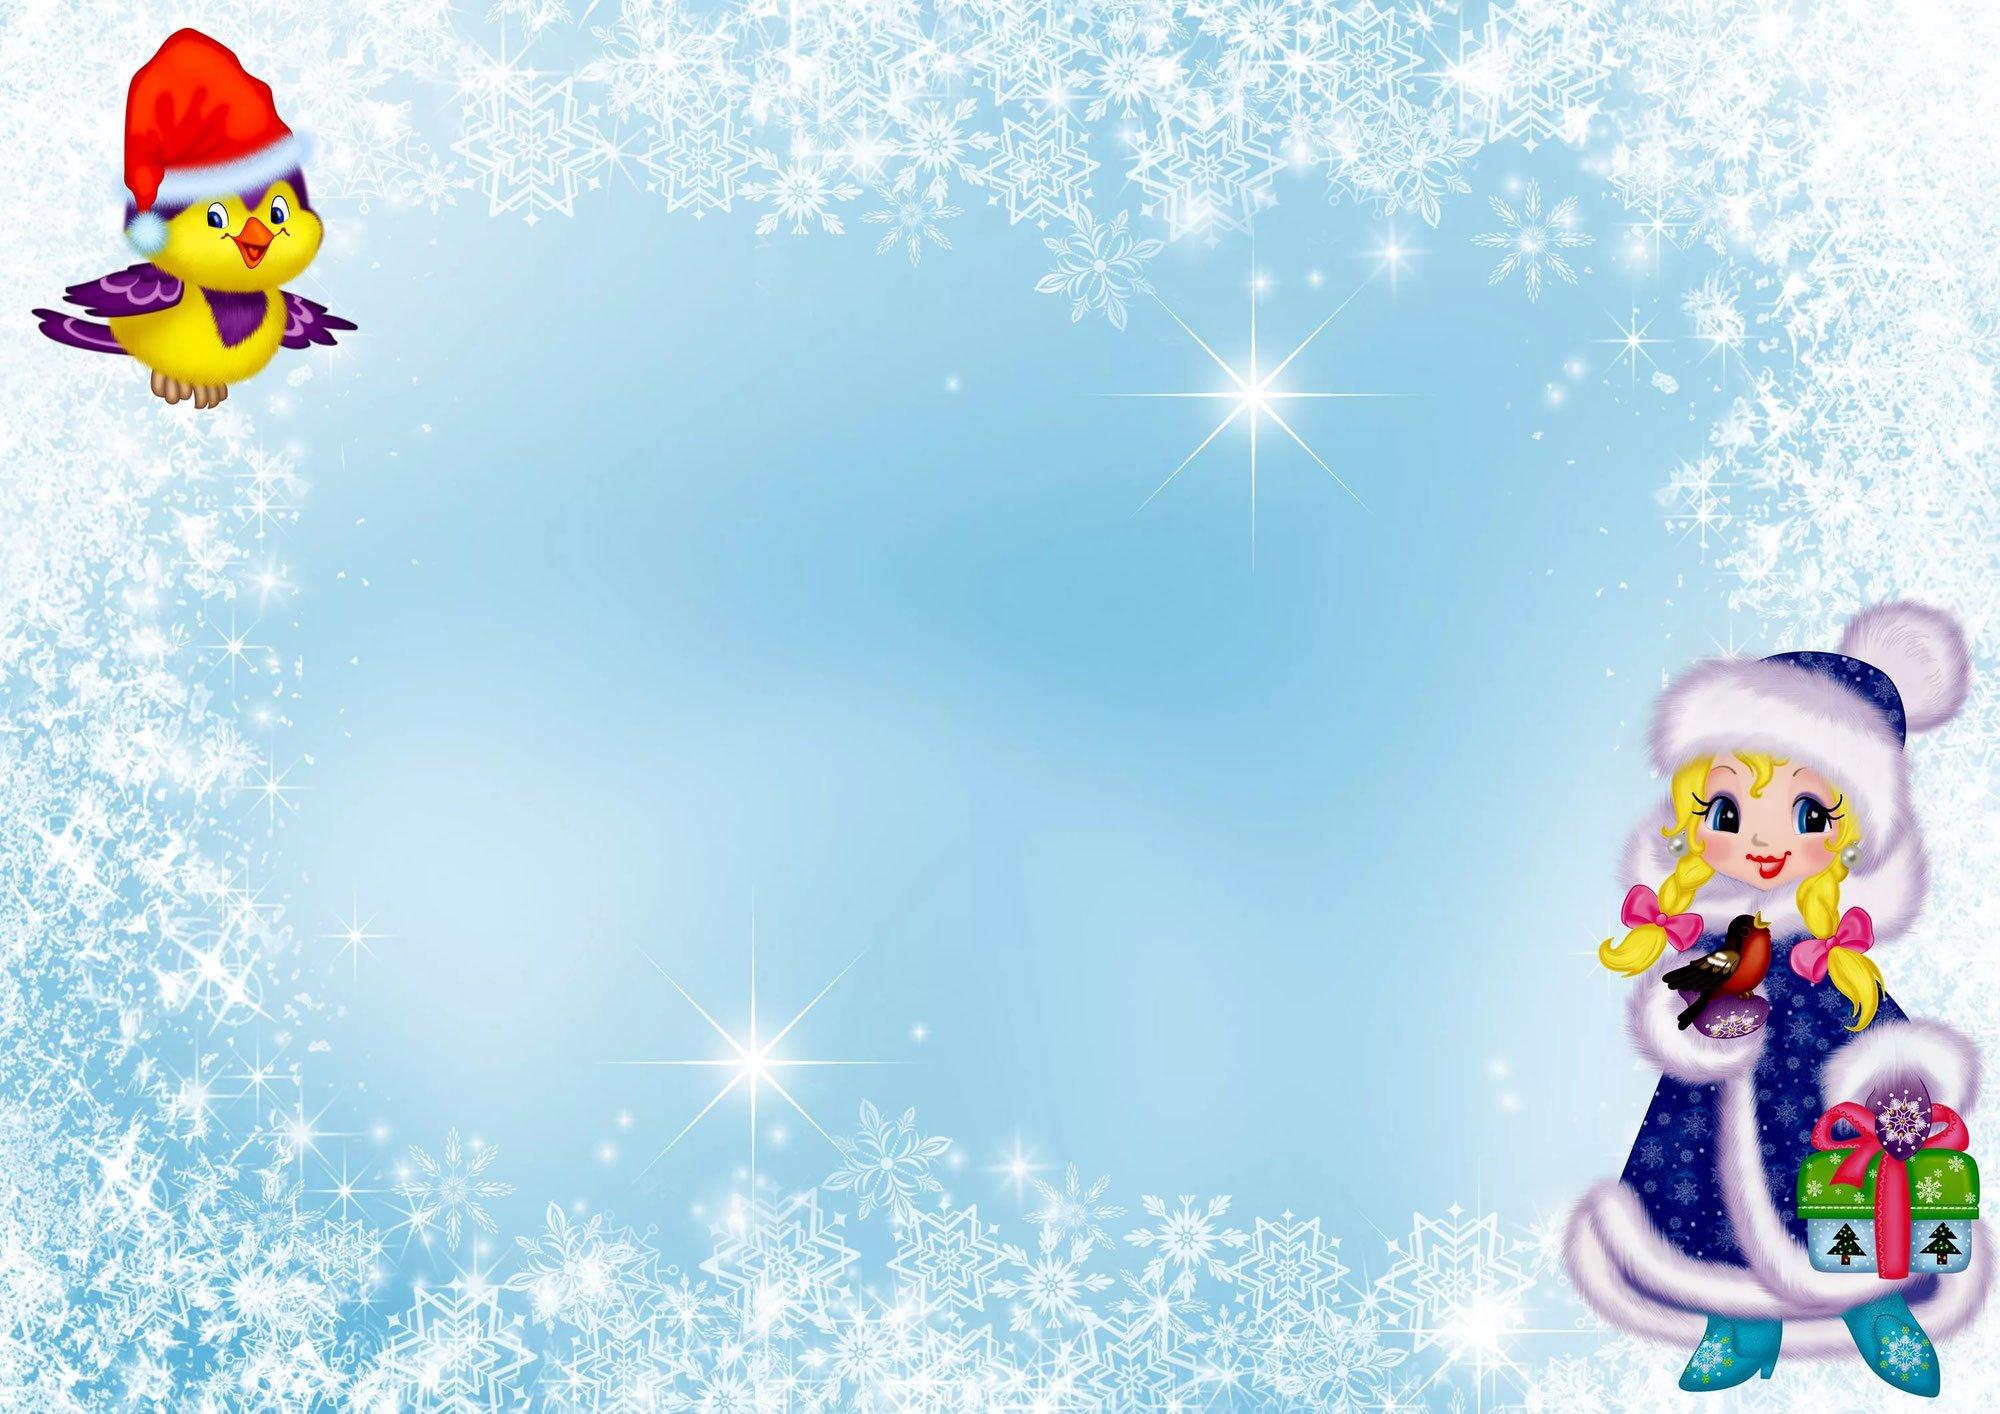 красивую фон для объявлений новогодний человек имеет